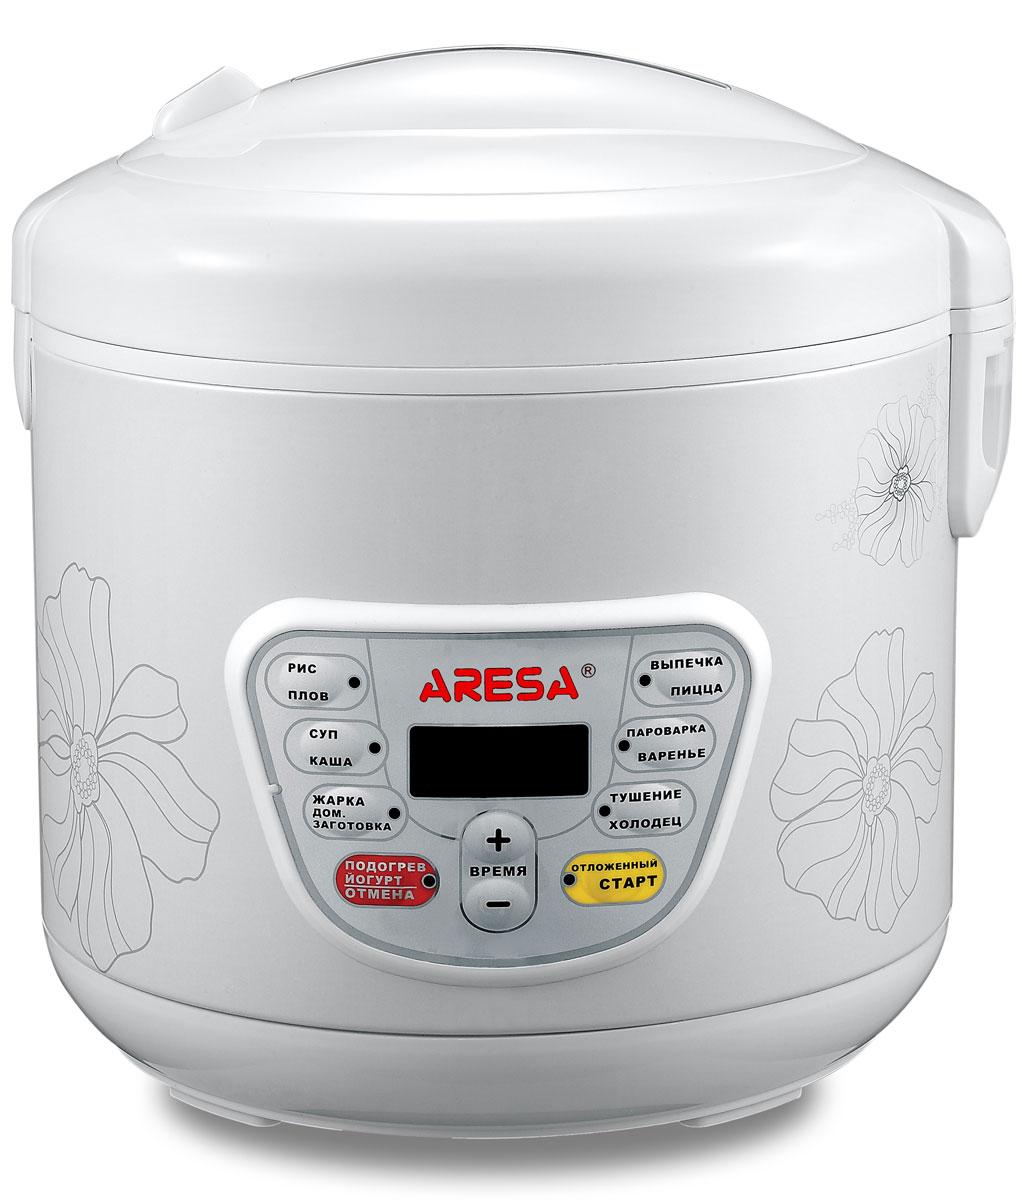 Мультиварка Aresa AR-2001